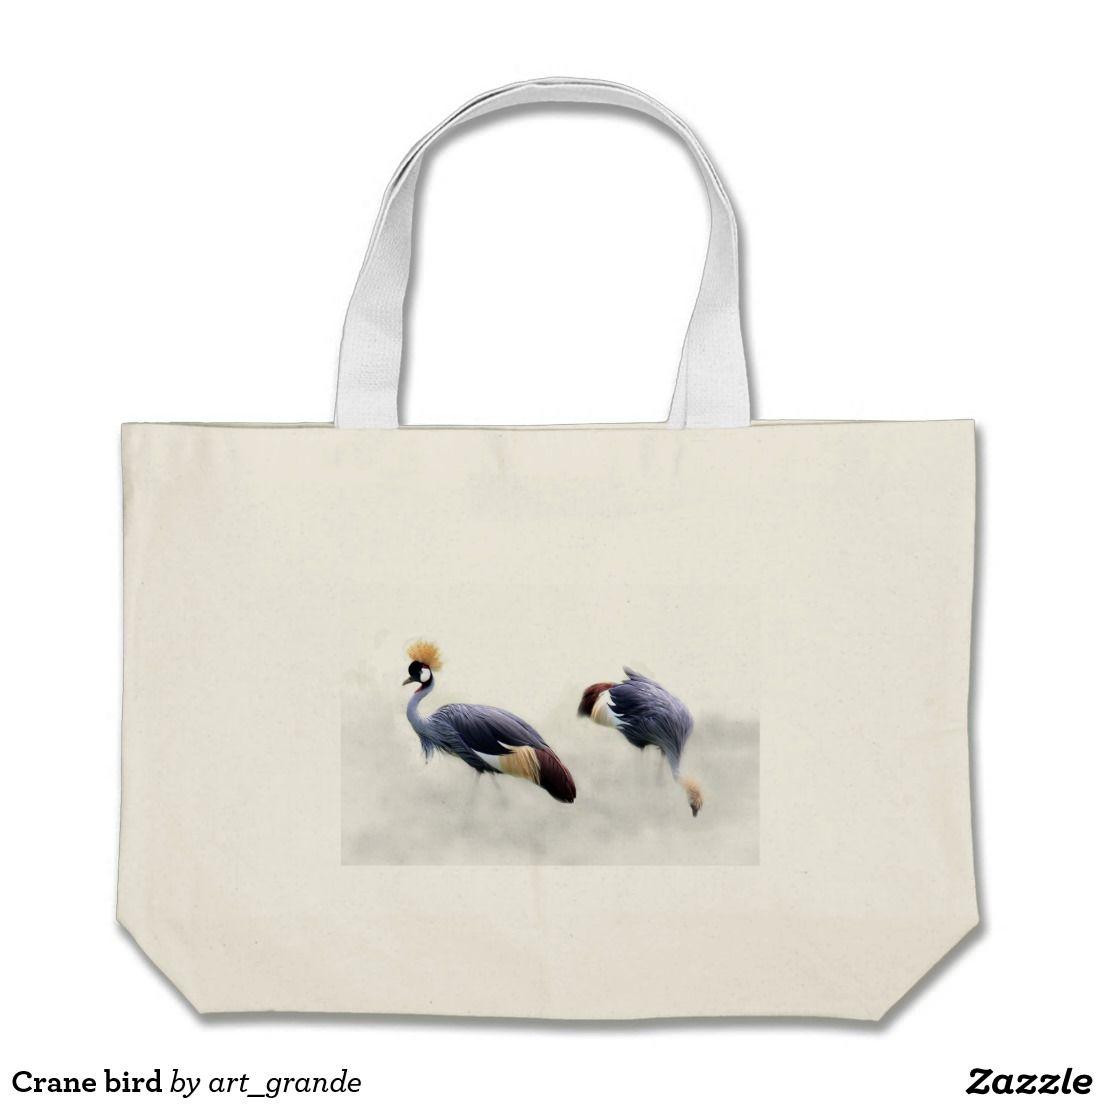 Crane bird large tote bag